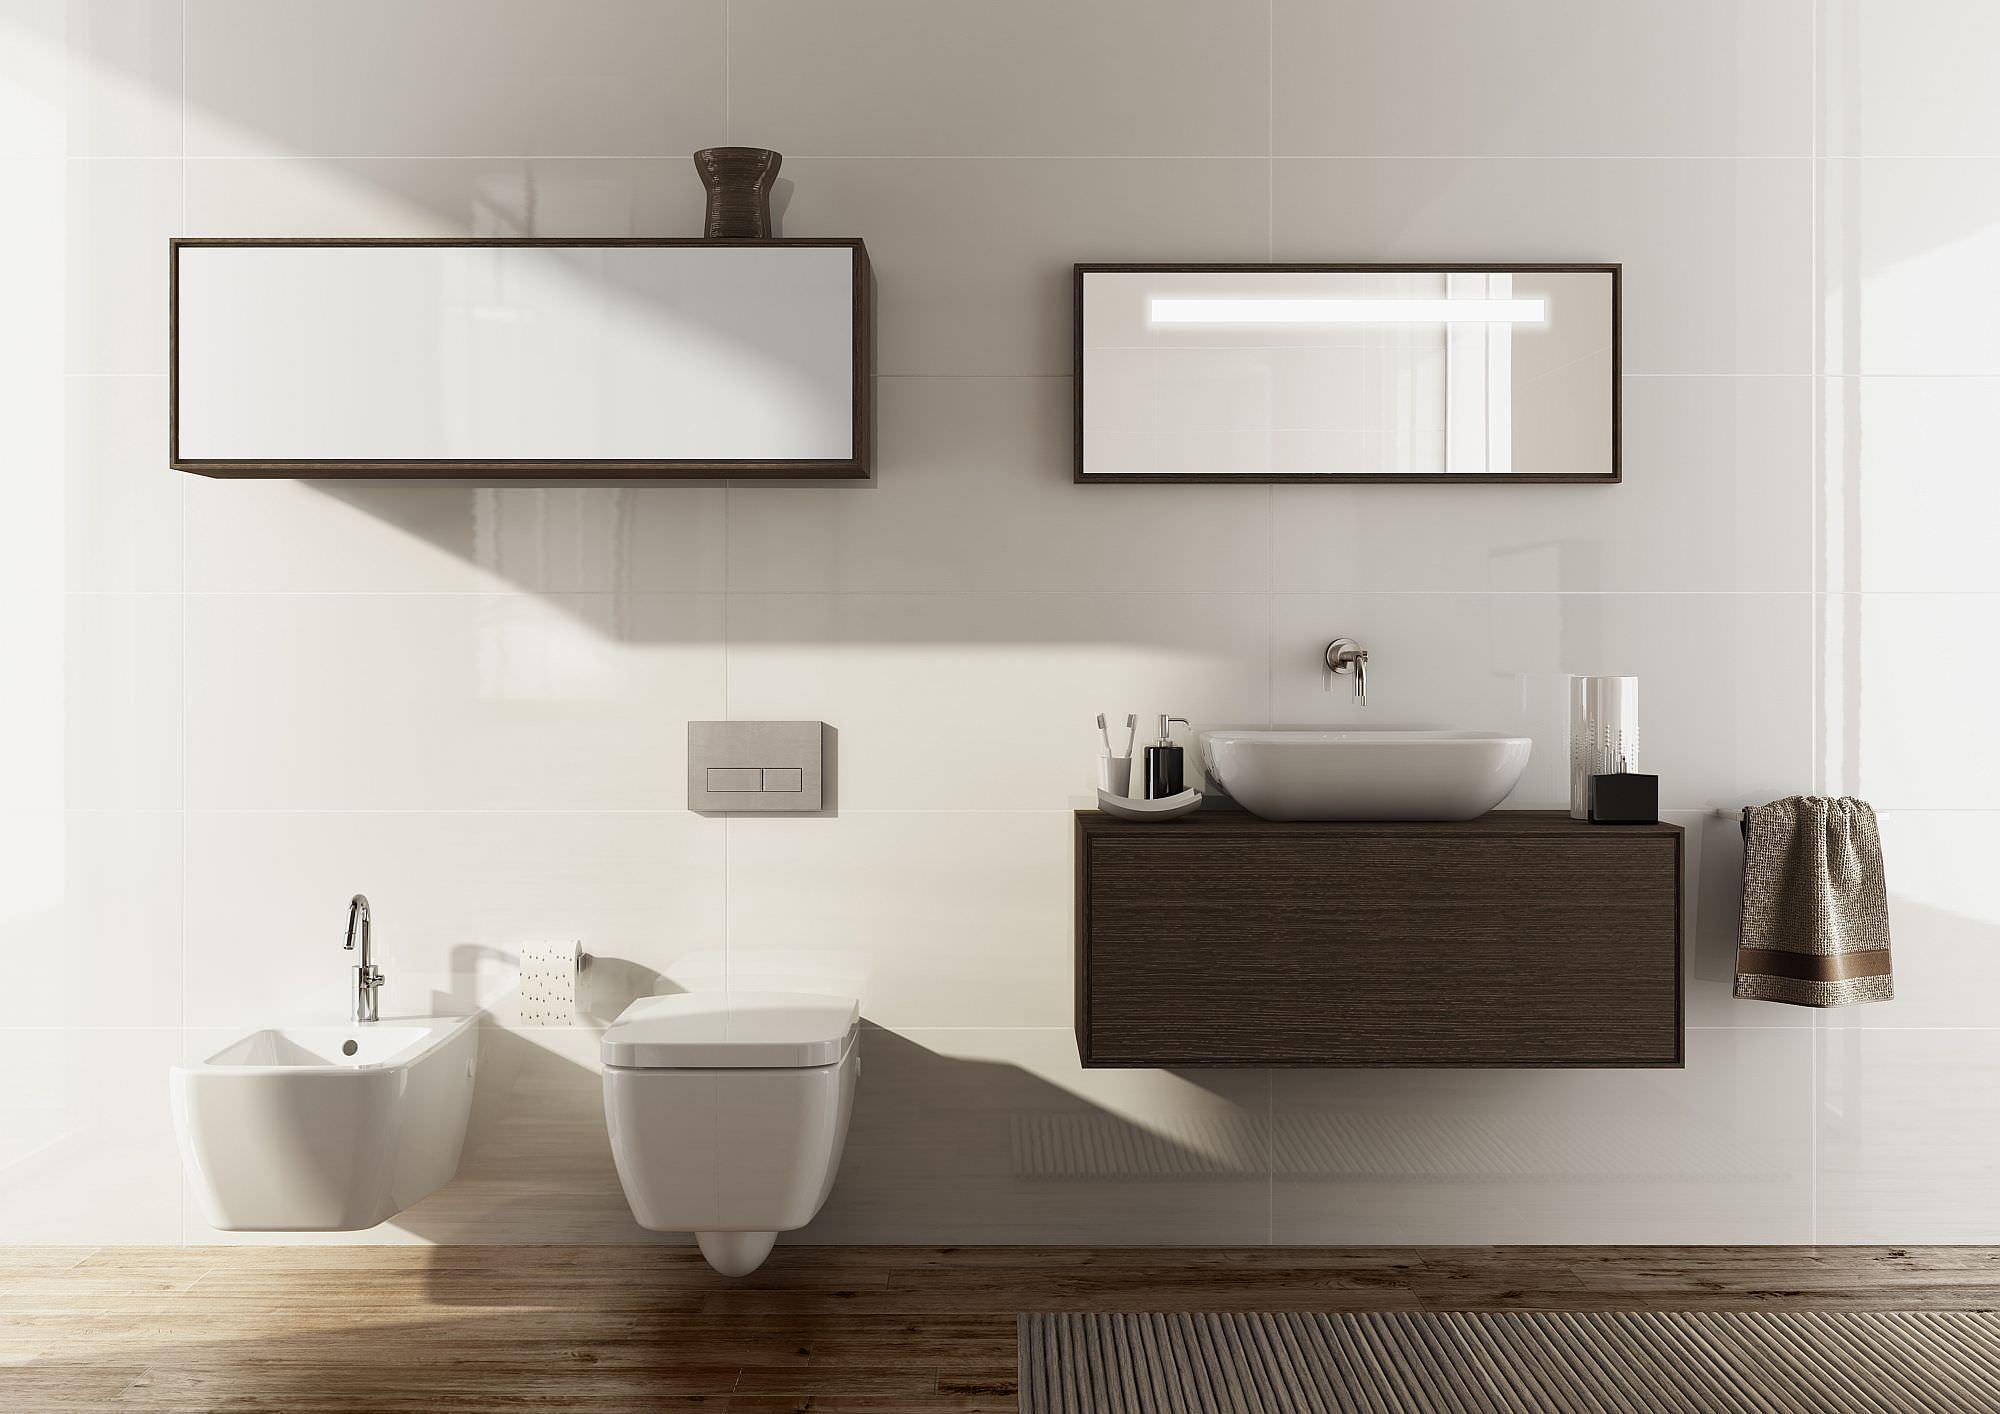 Mobili componibili per il bagno for Mobili bagno componibili online